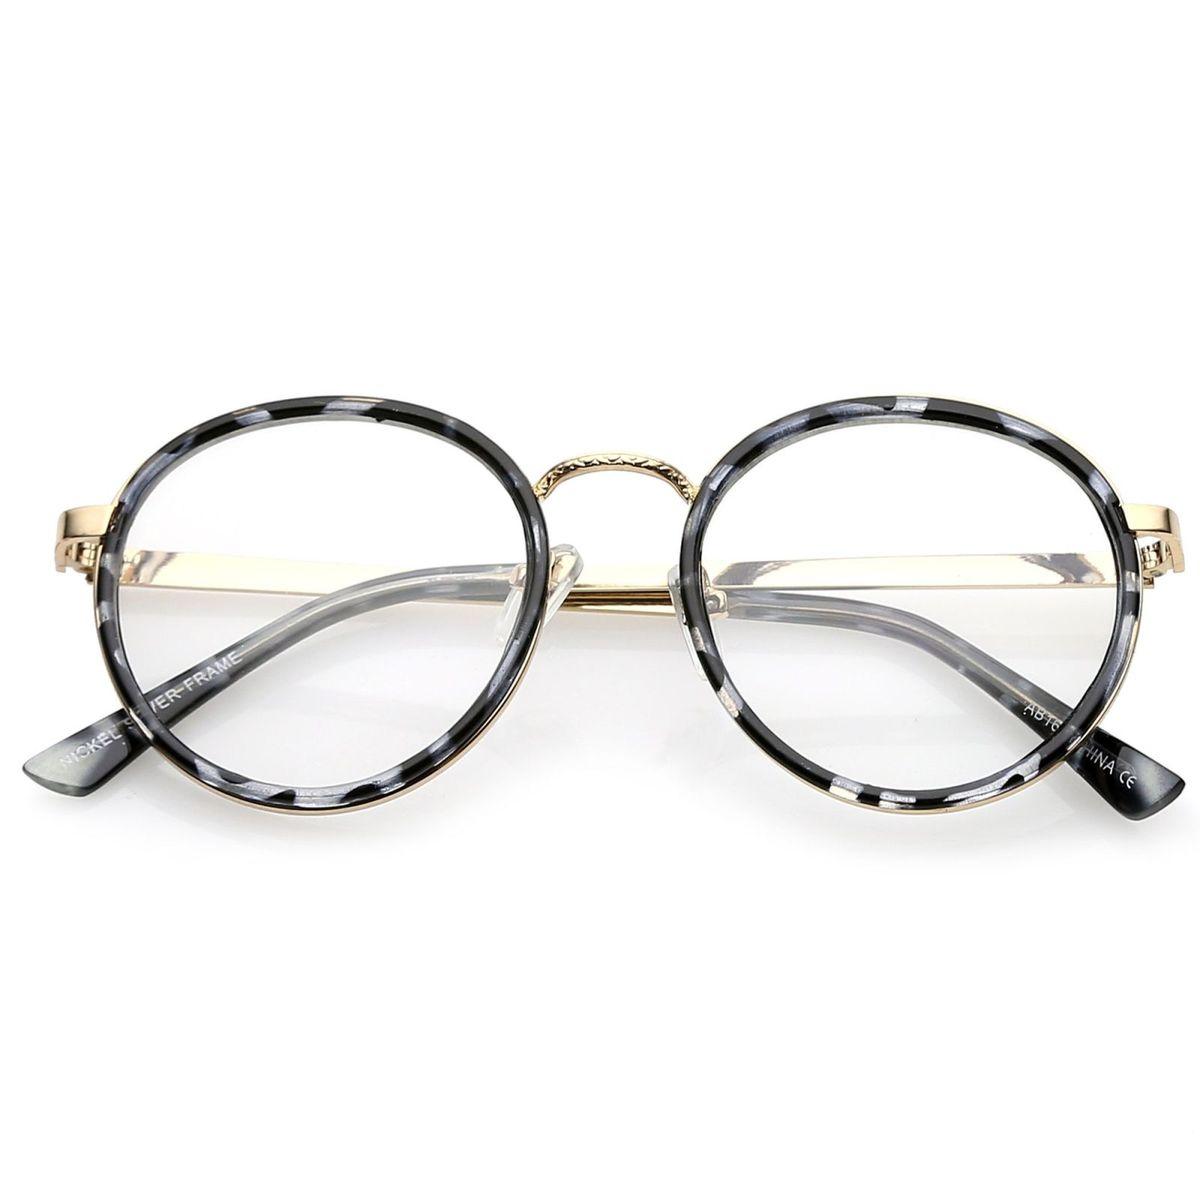 Armação Óculos Redondo - Unissex   Óculos Feminino Nunca Usado ... 9bf6761e0d